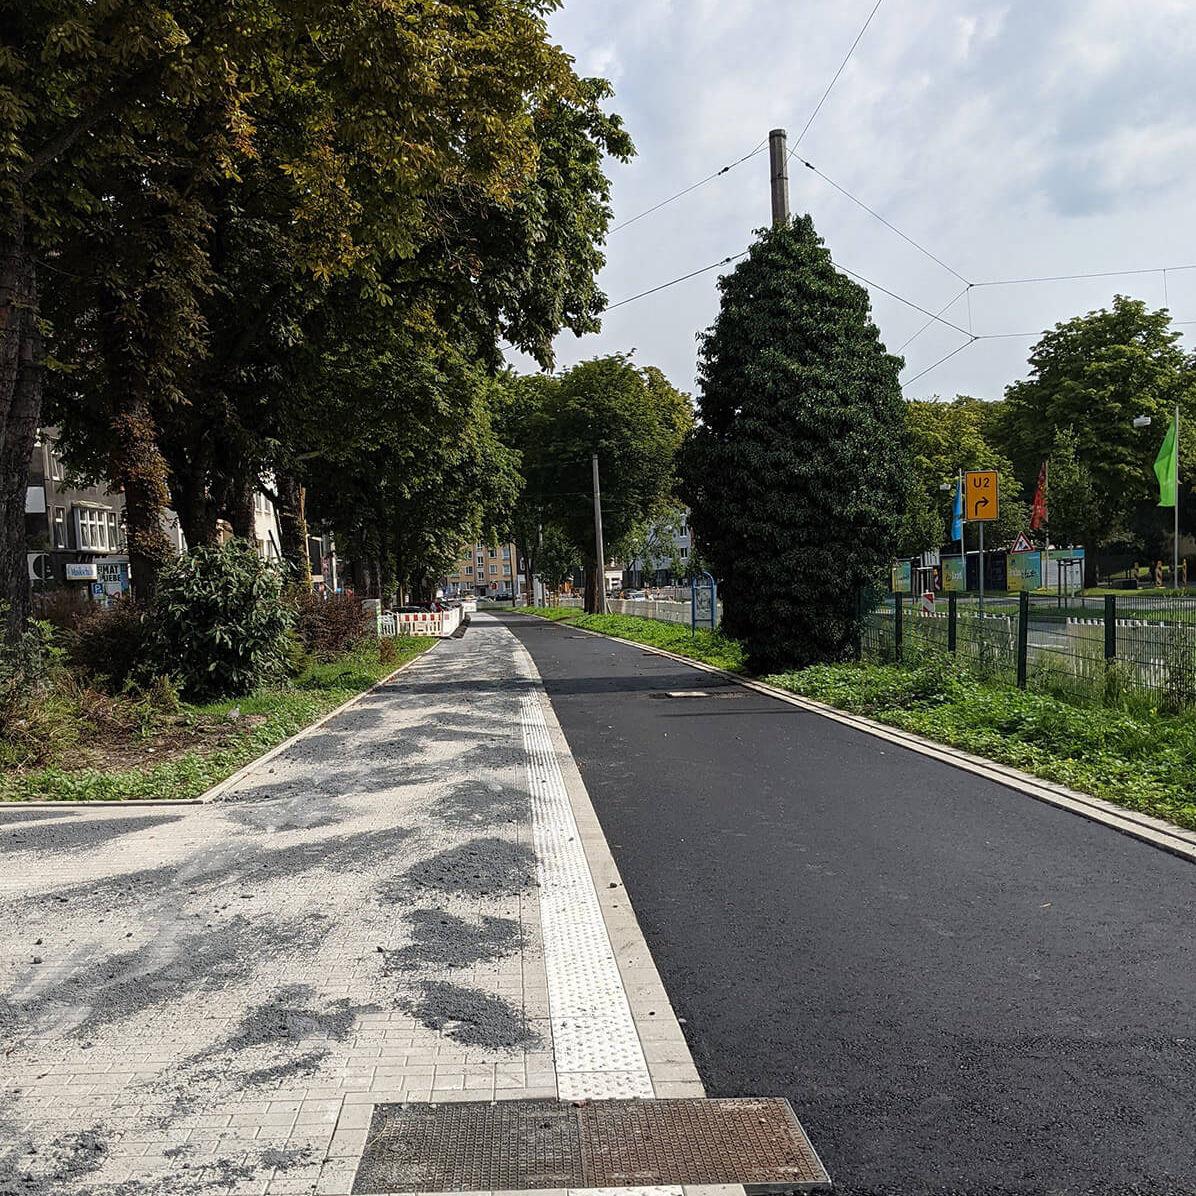 Frisch asphaltierter Radweg und gepflasterter Gehweg in Dortmund für den Radwall umgeben von grünen Bäumen